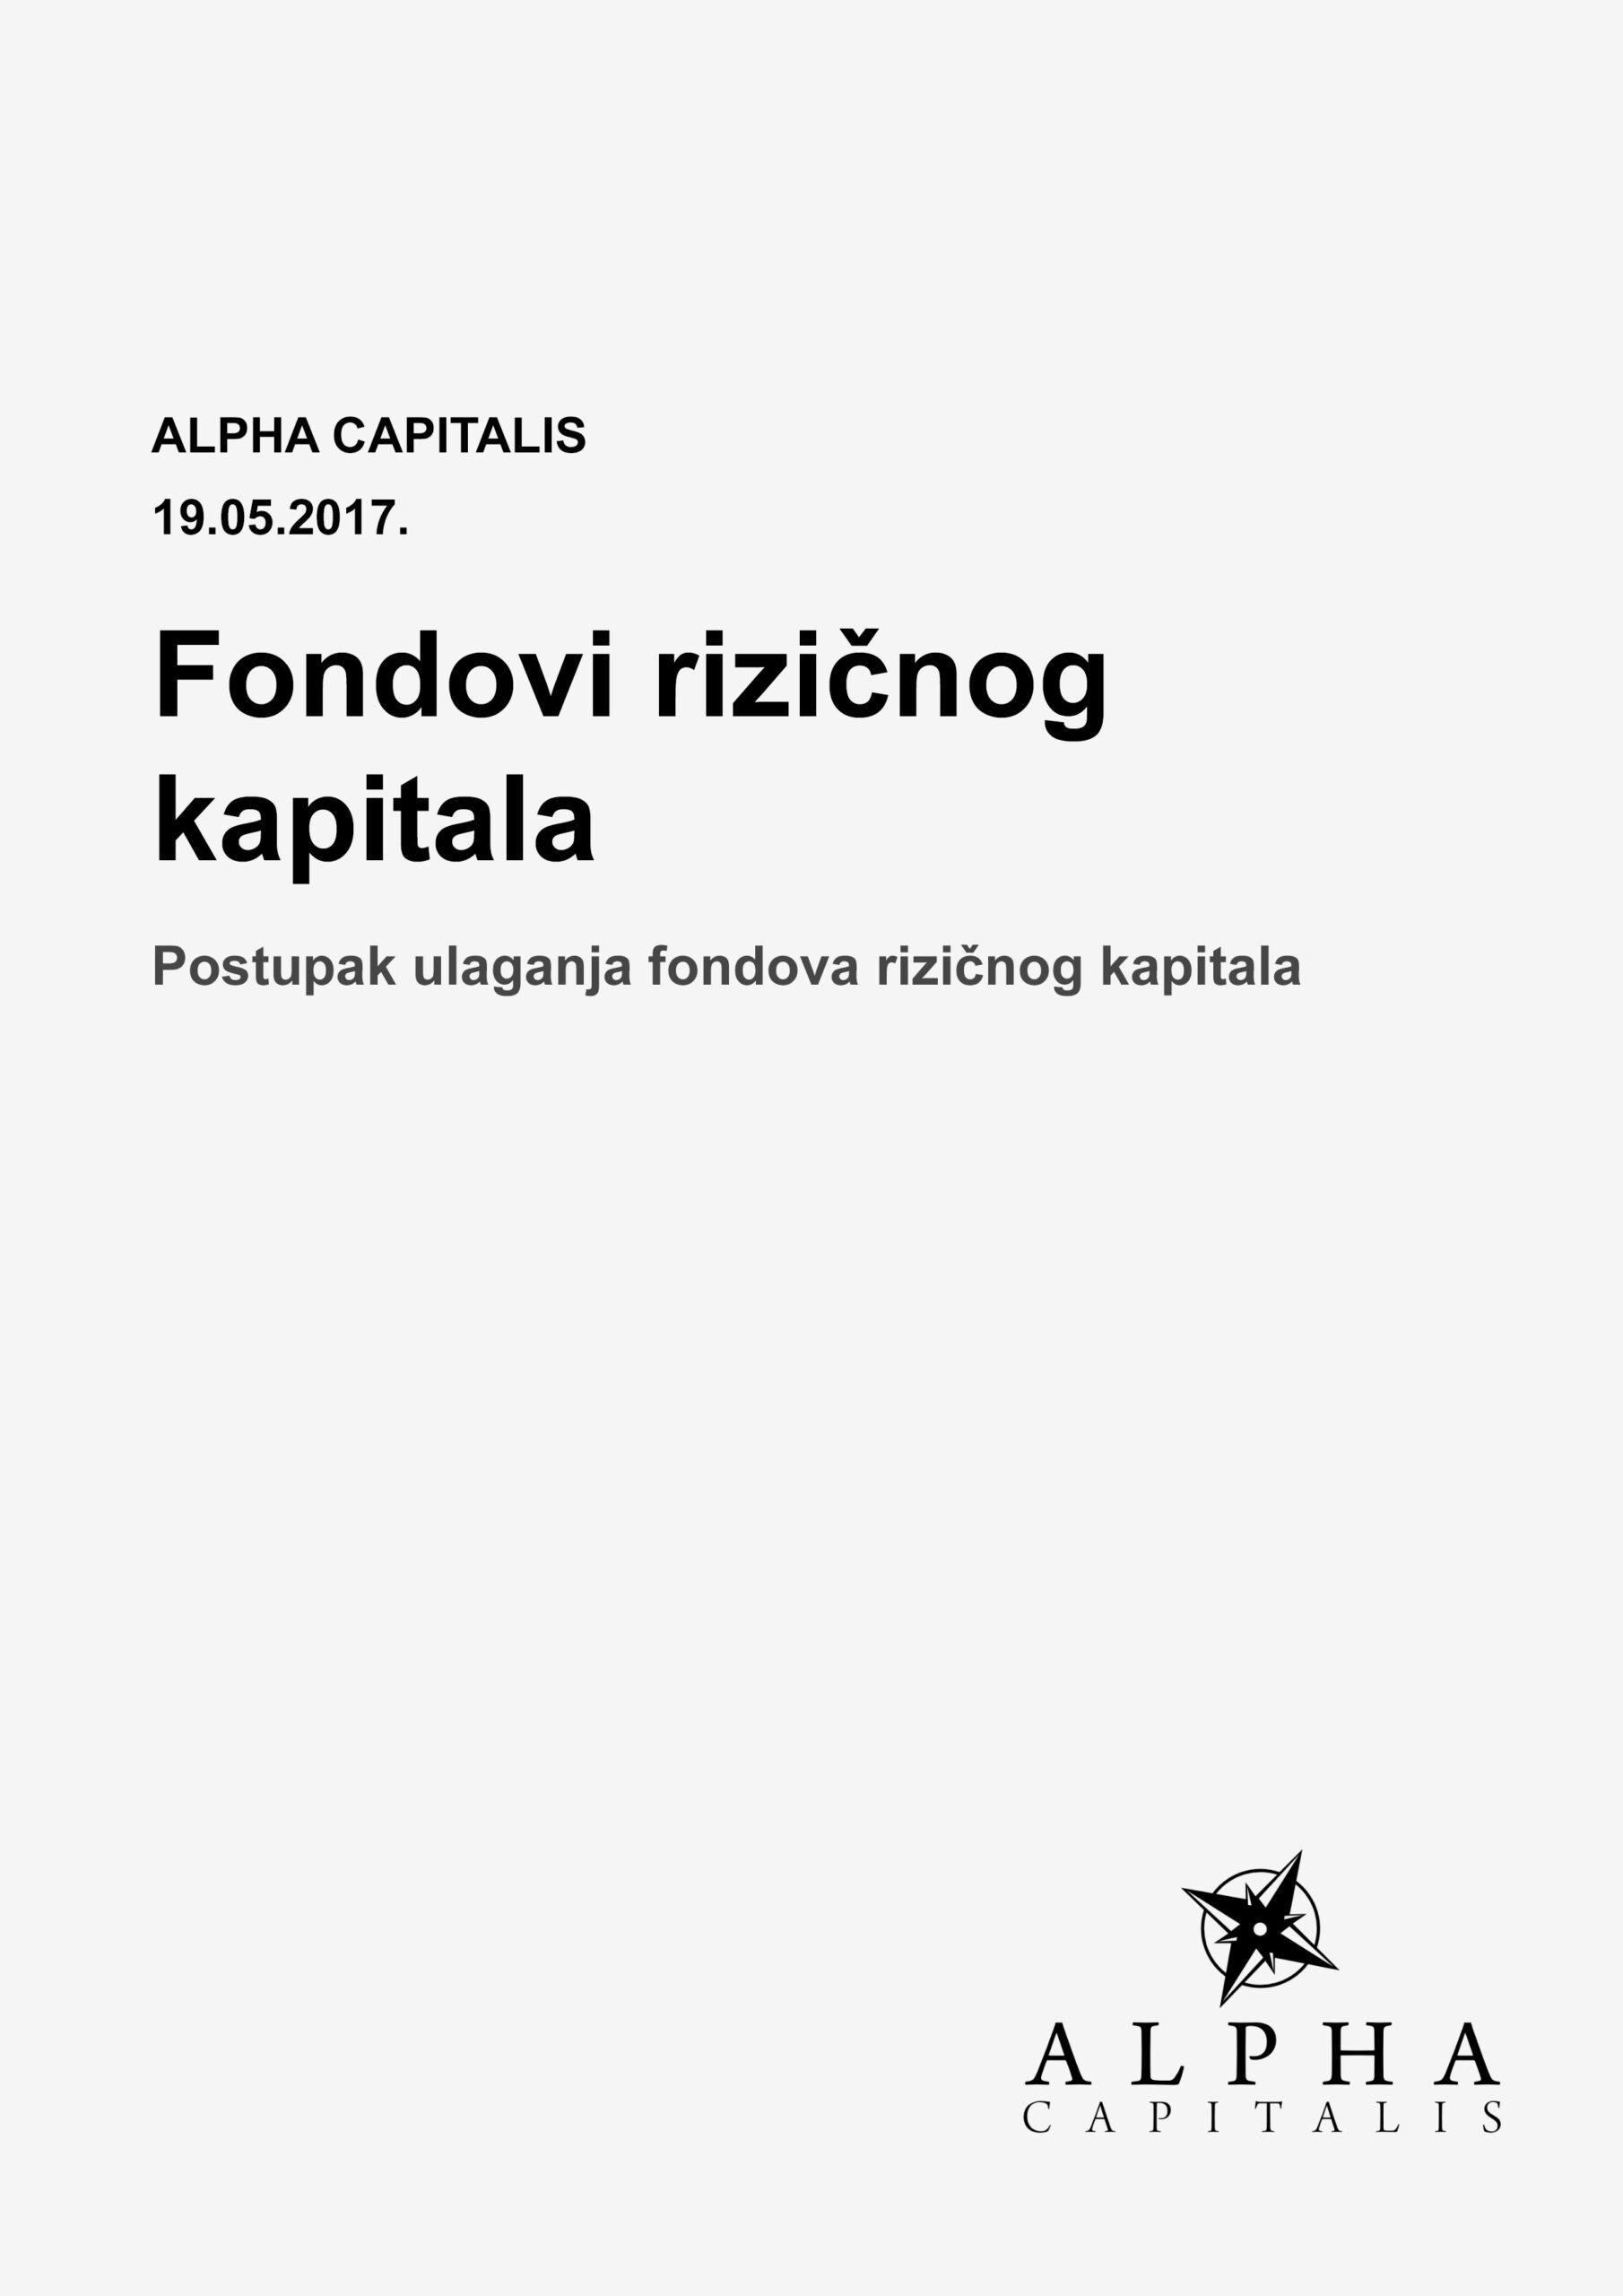 Alpha-capitalis-fondovi-rizicnog-kapitala